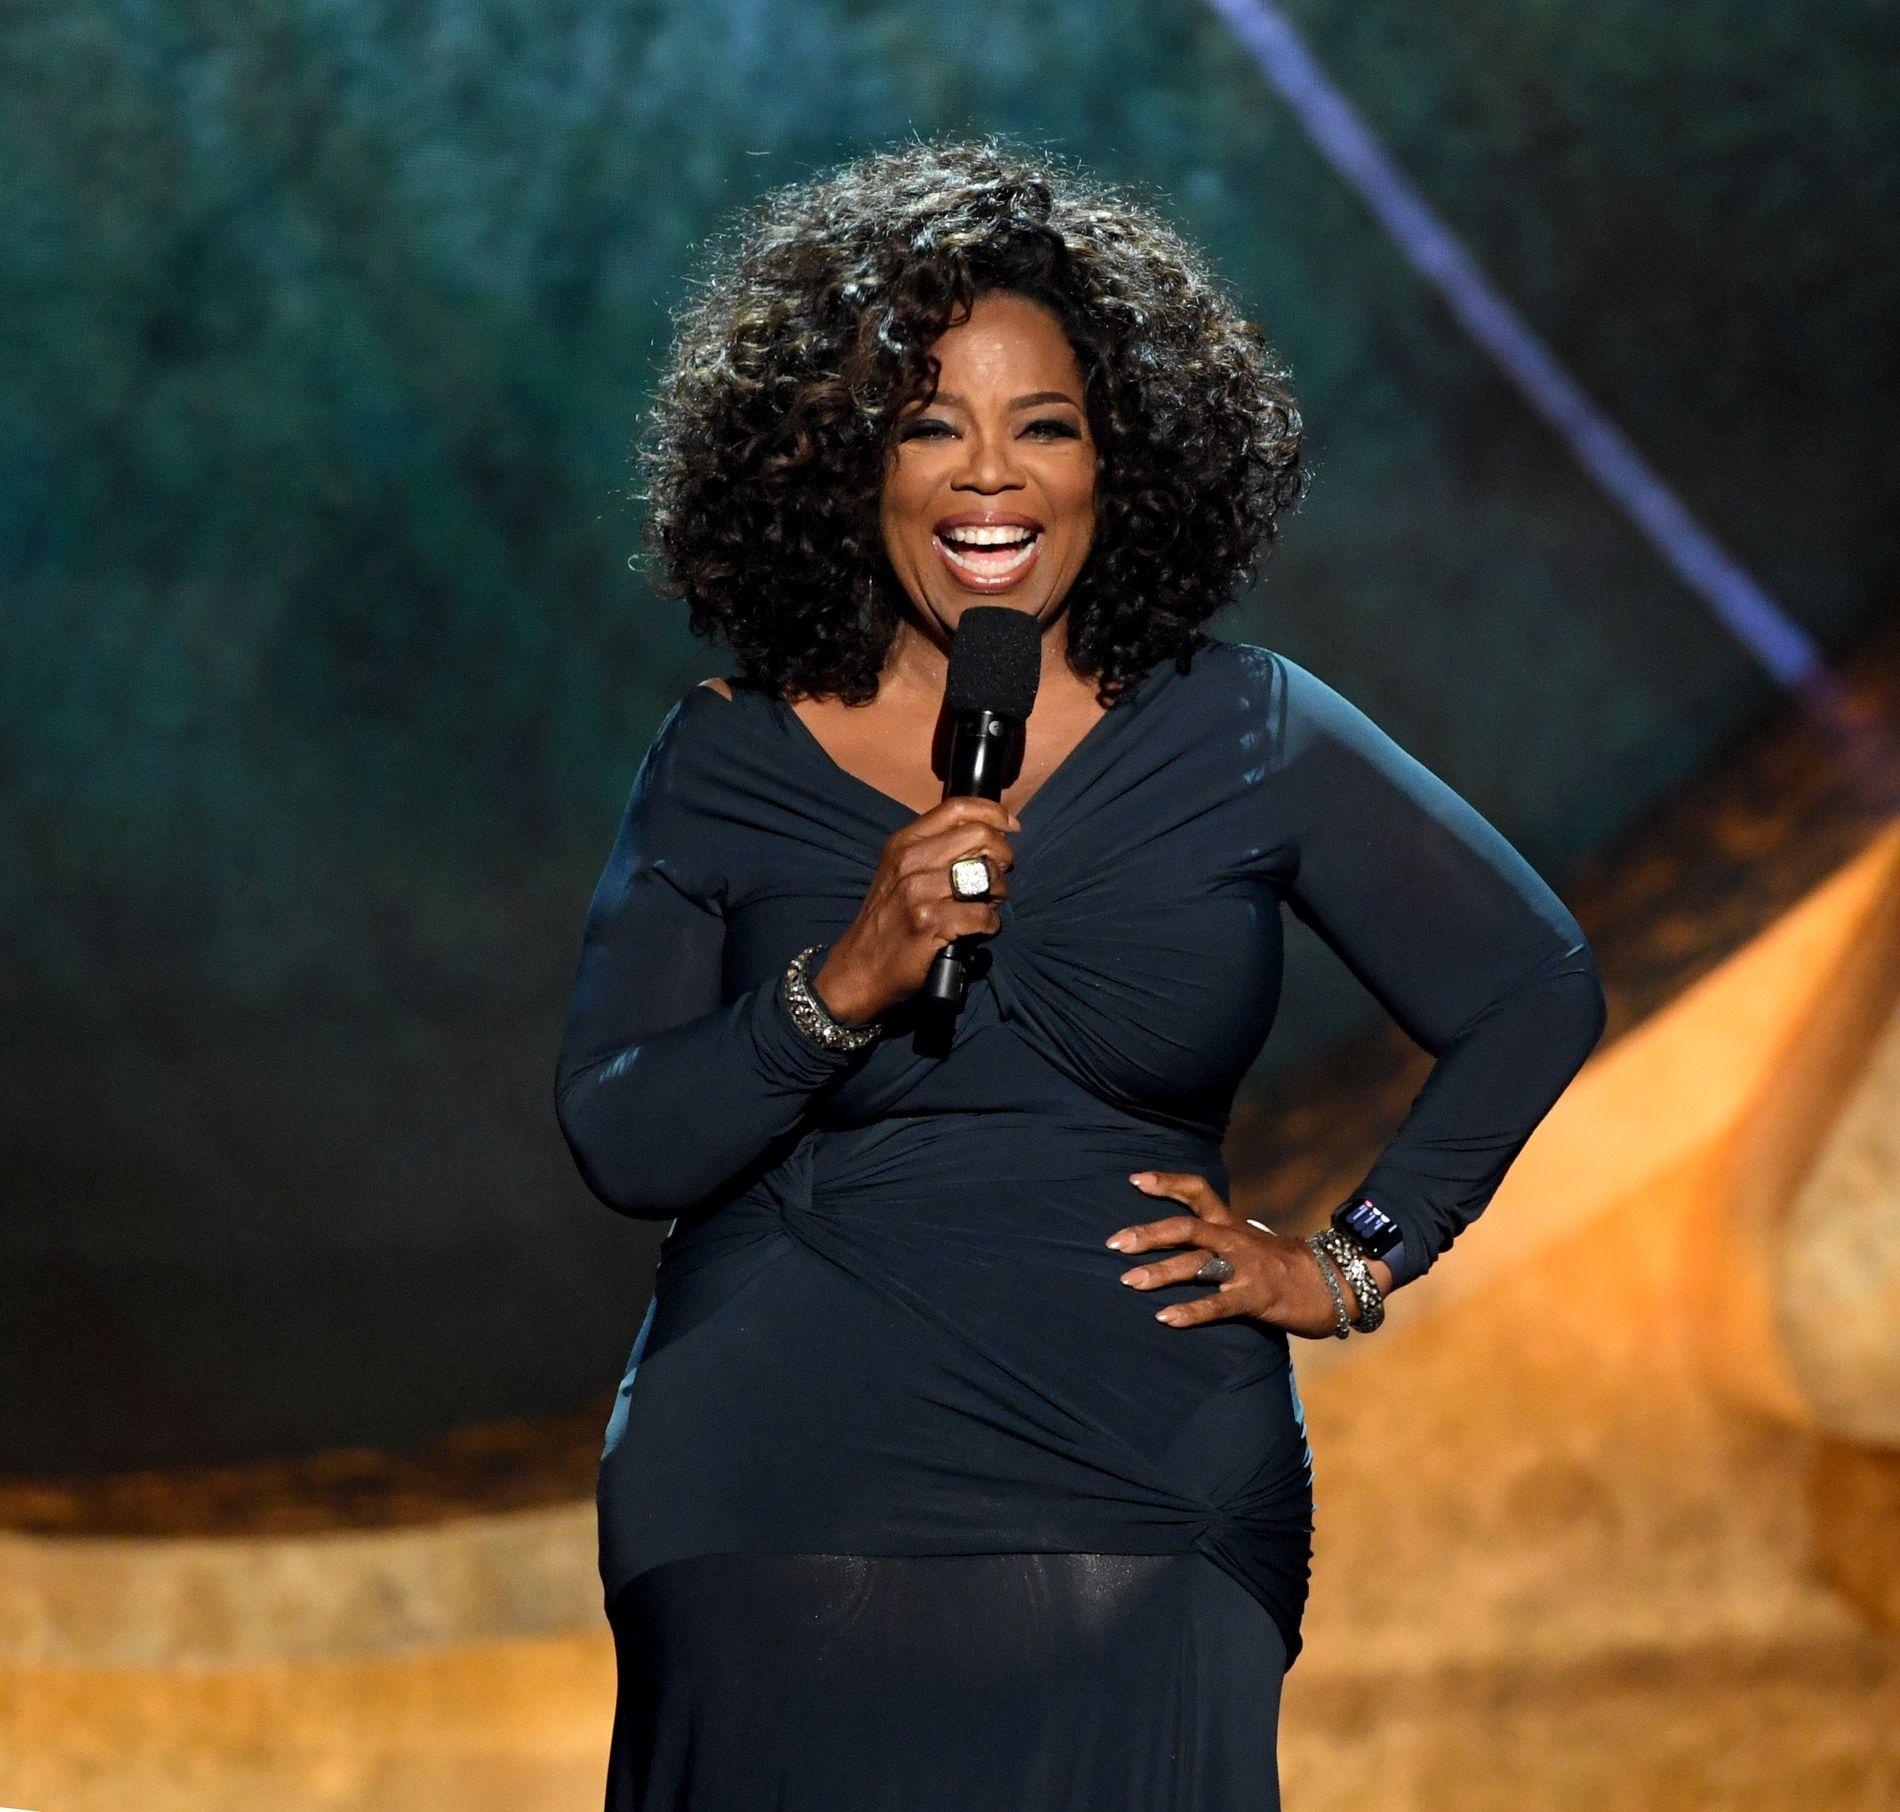 OPRAH (WIN) FREY: Hele USAs Oprah har blitt lansert som en kandidat for Demokratene. Men for øyeblikket er det kanskje mer ønsketenkning, enn noe annet.